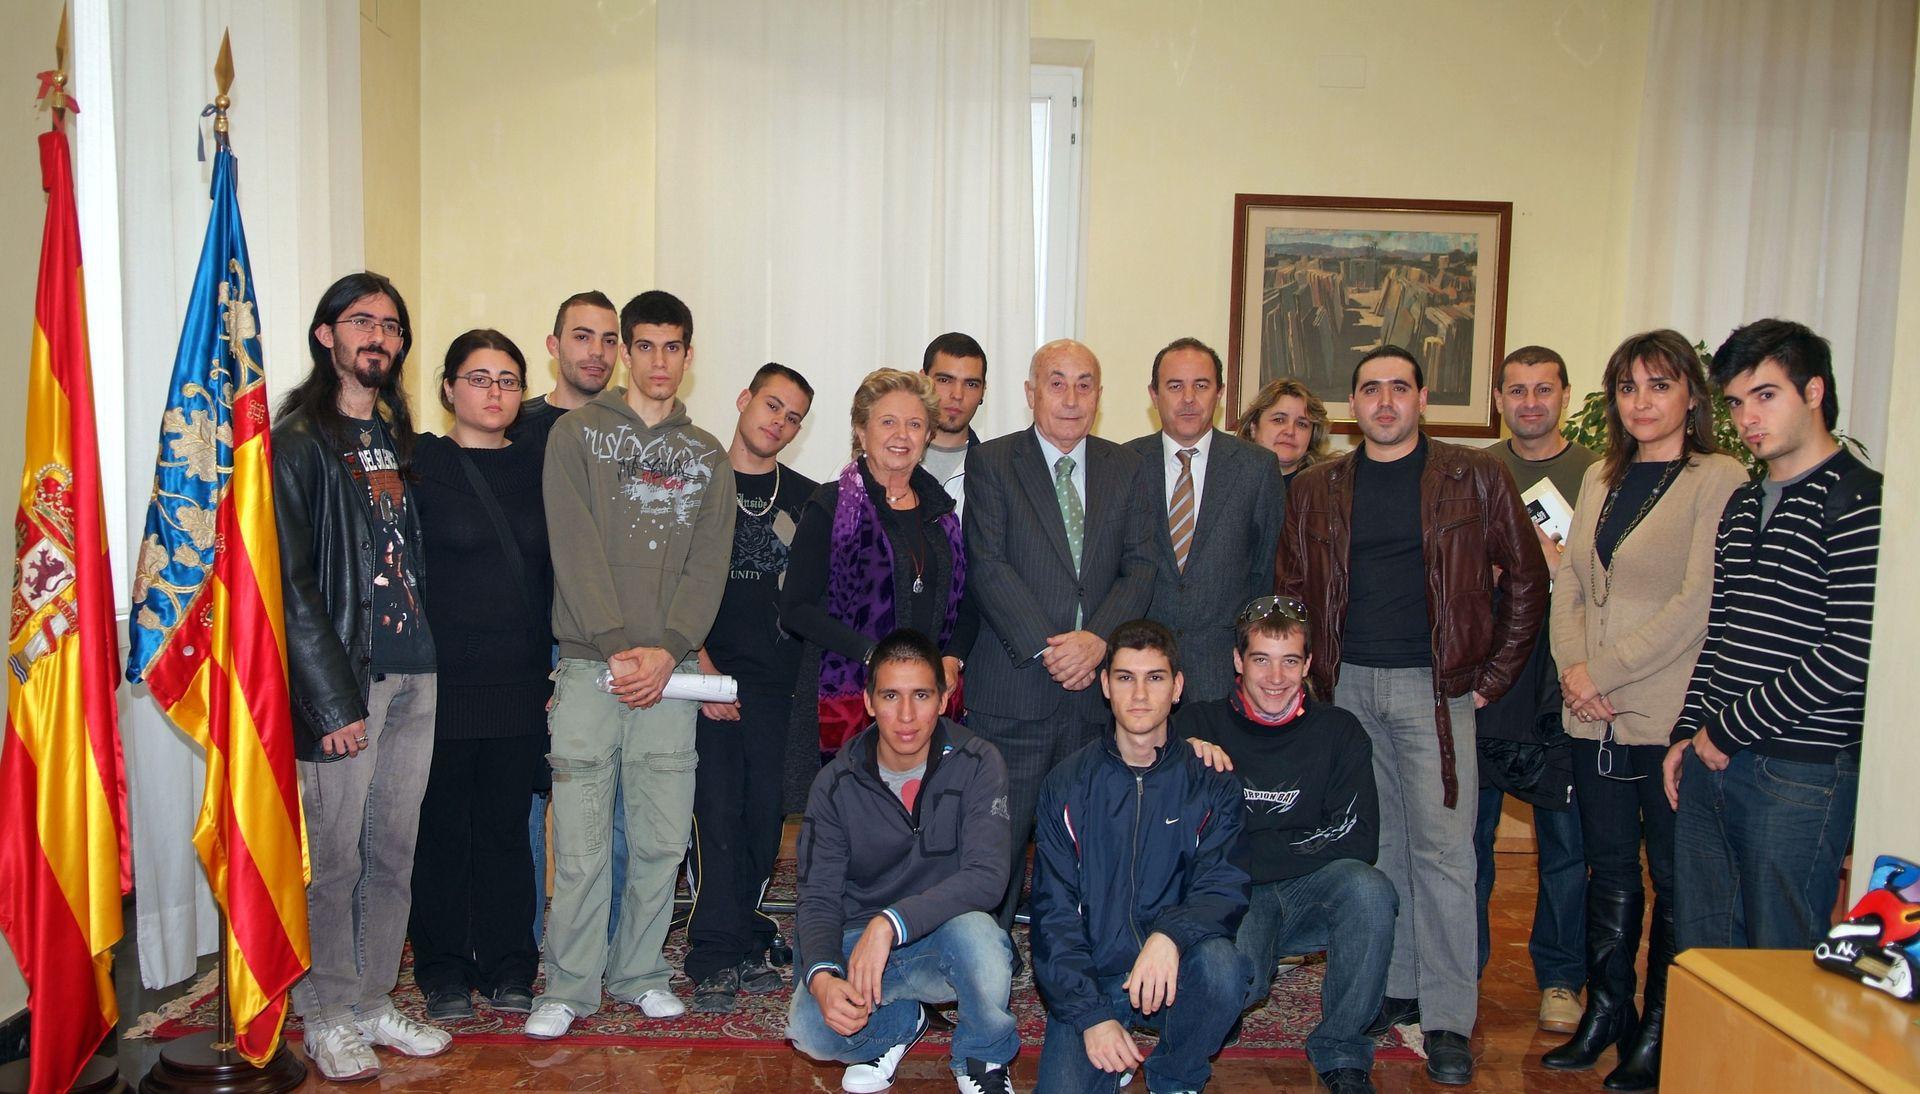 El Bus del síndic visita Cocentaina el miércoles 30 de septiembre